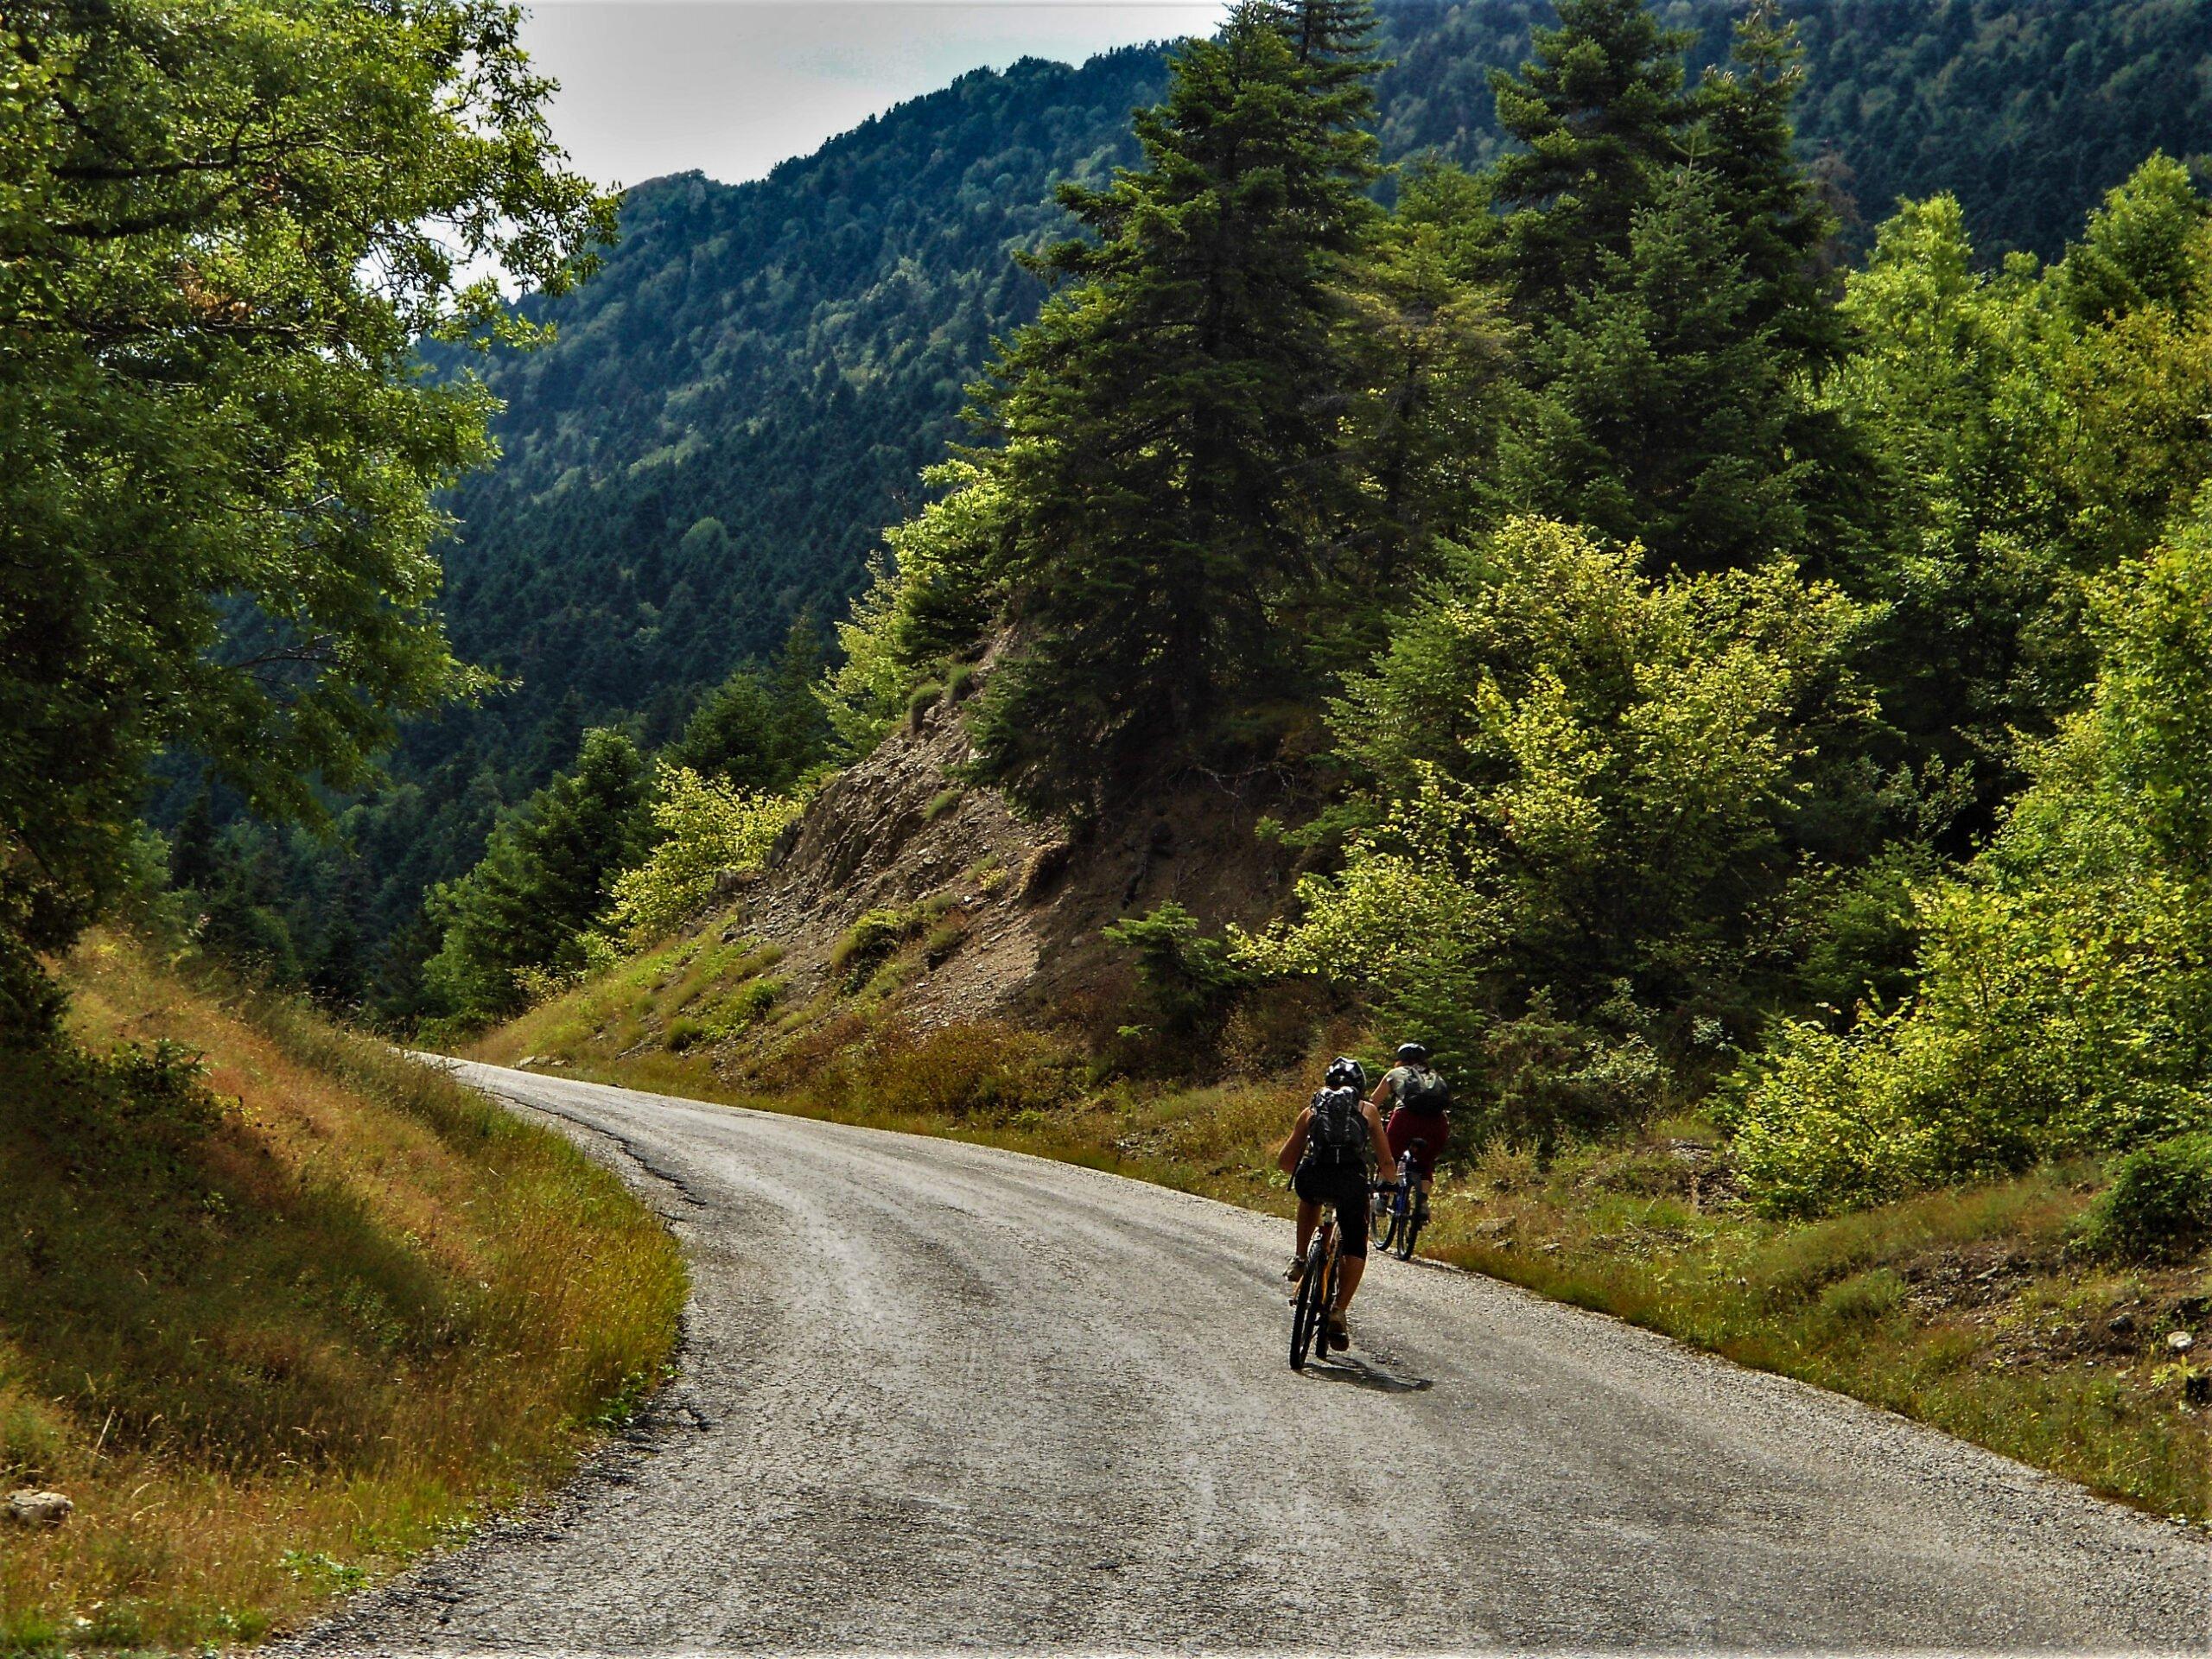 Zagori Secrets Sights & Bridges E-bike Tour From Elati Village - Ioannina_94